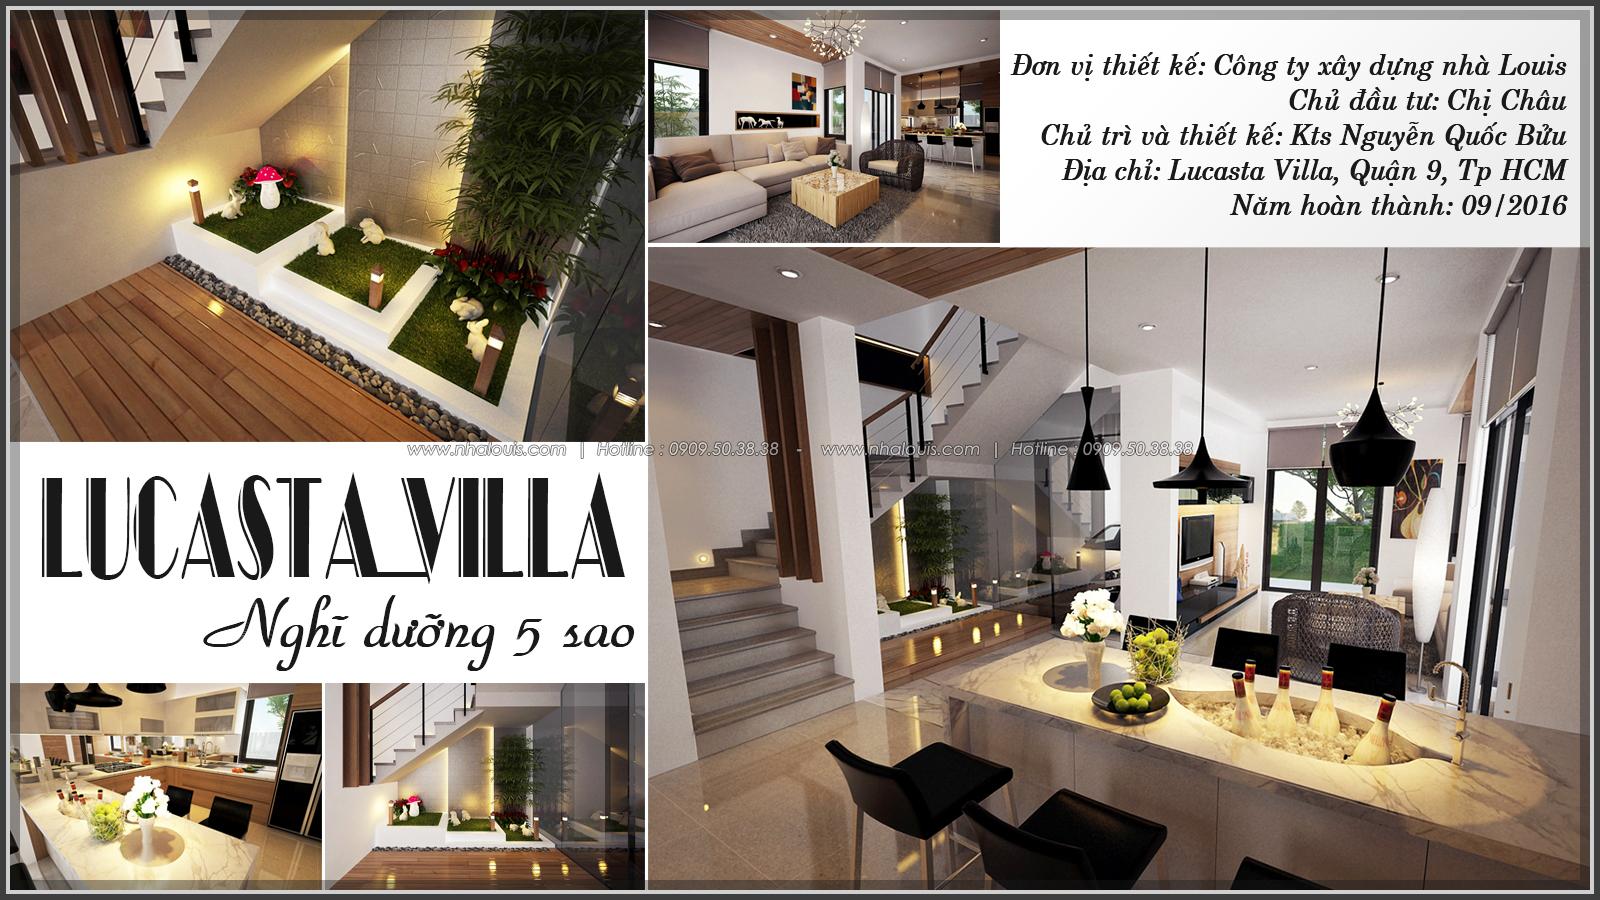 Thiết kế nội thất biệt thự Lucasta Villa tại quận 9 xứng tầm đẳng cấp - 1